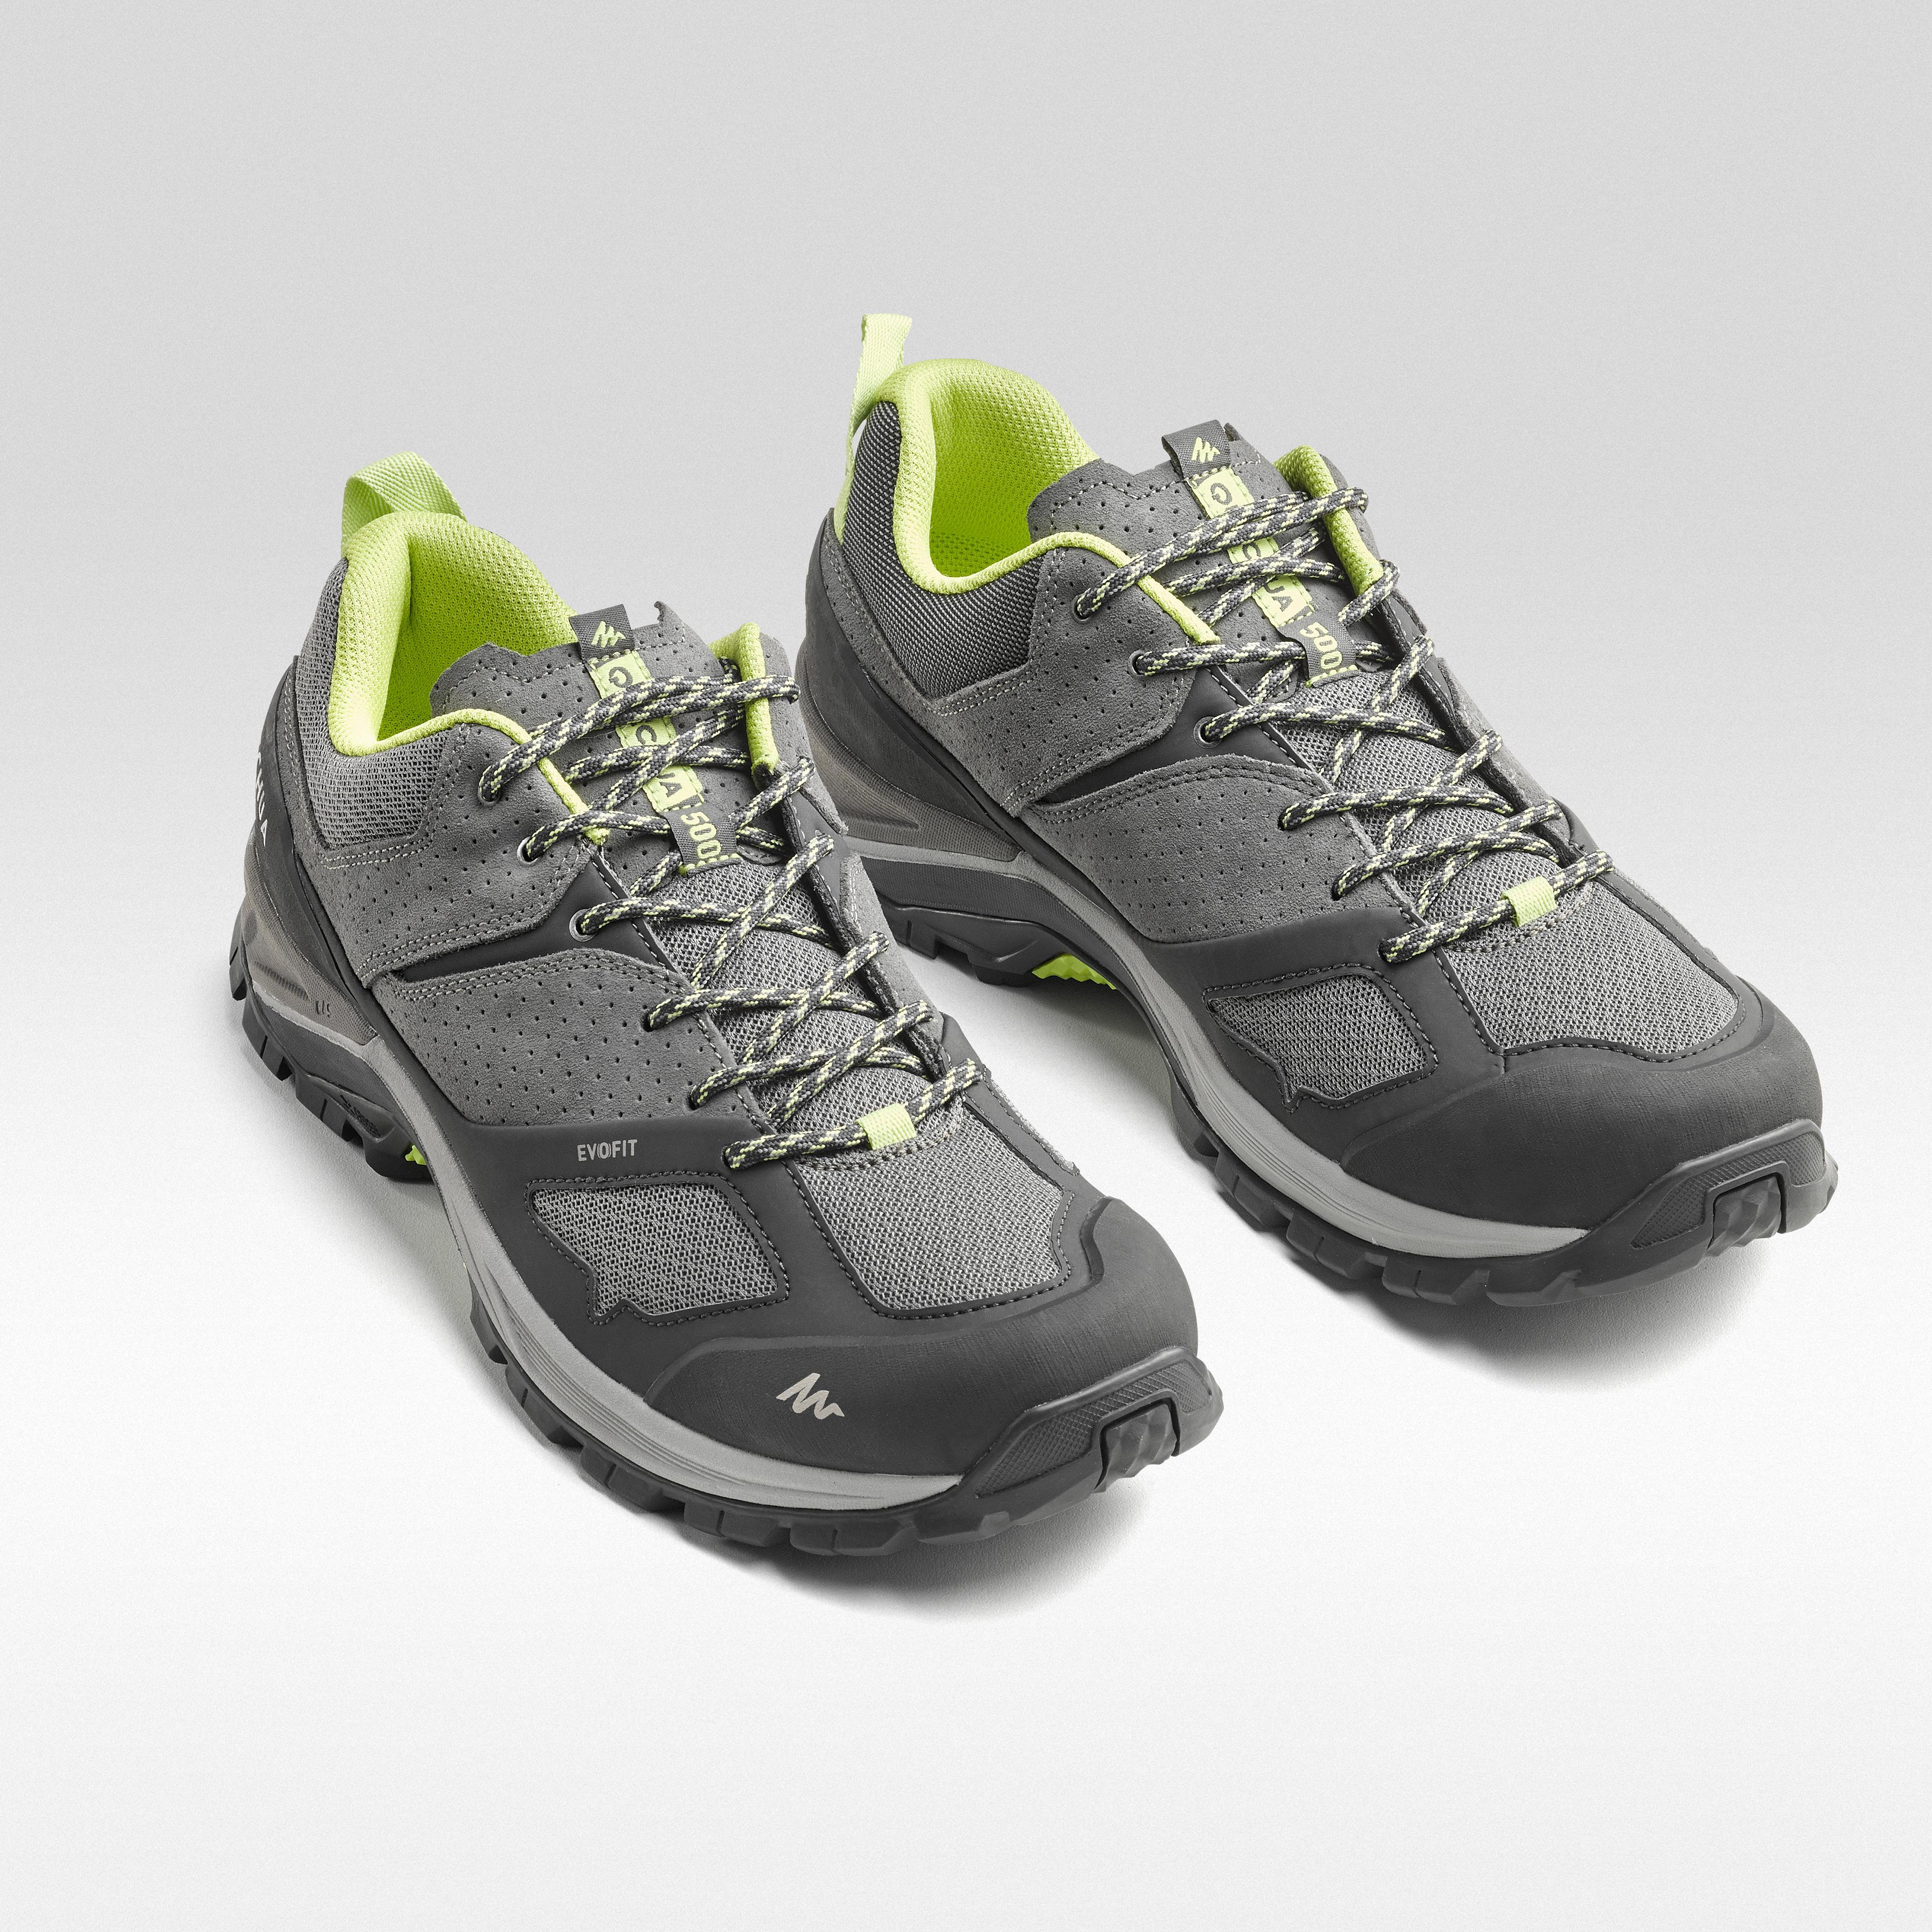 Mh500 De Homme Chaussures Randonnée Montagne Gris wnOP80k